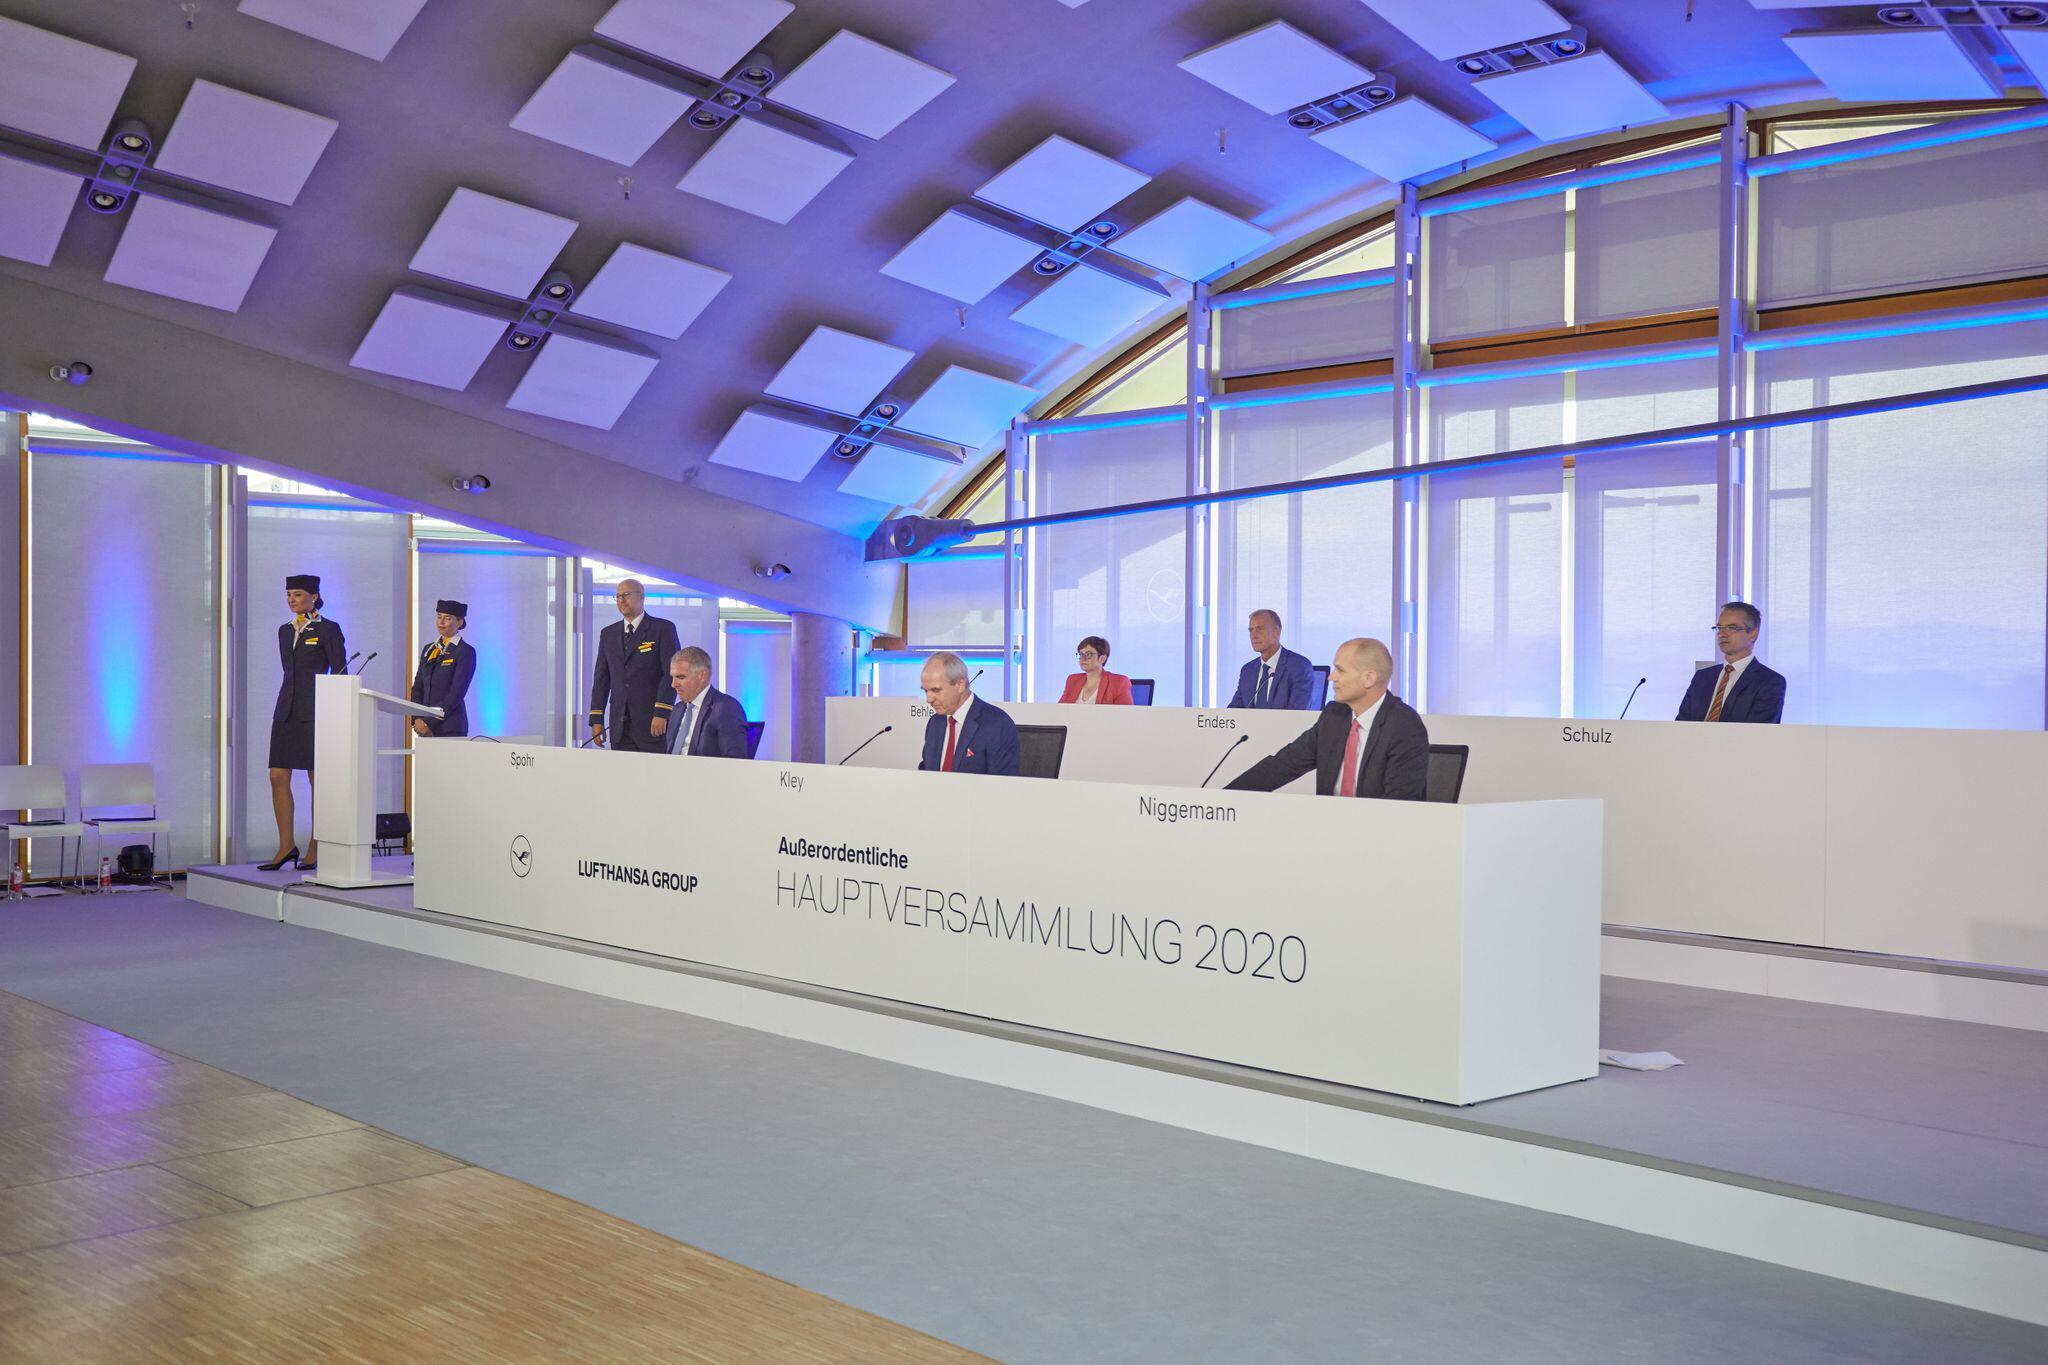 Bild zu Außerordentliche Hauptversammlung der Deutschen Lufthansa AG